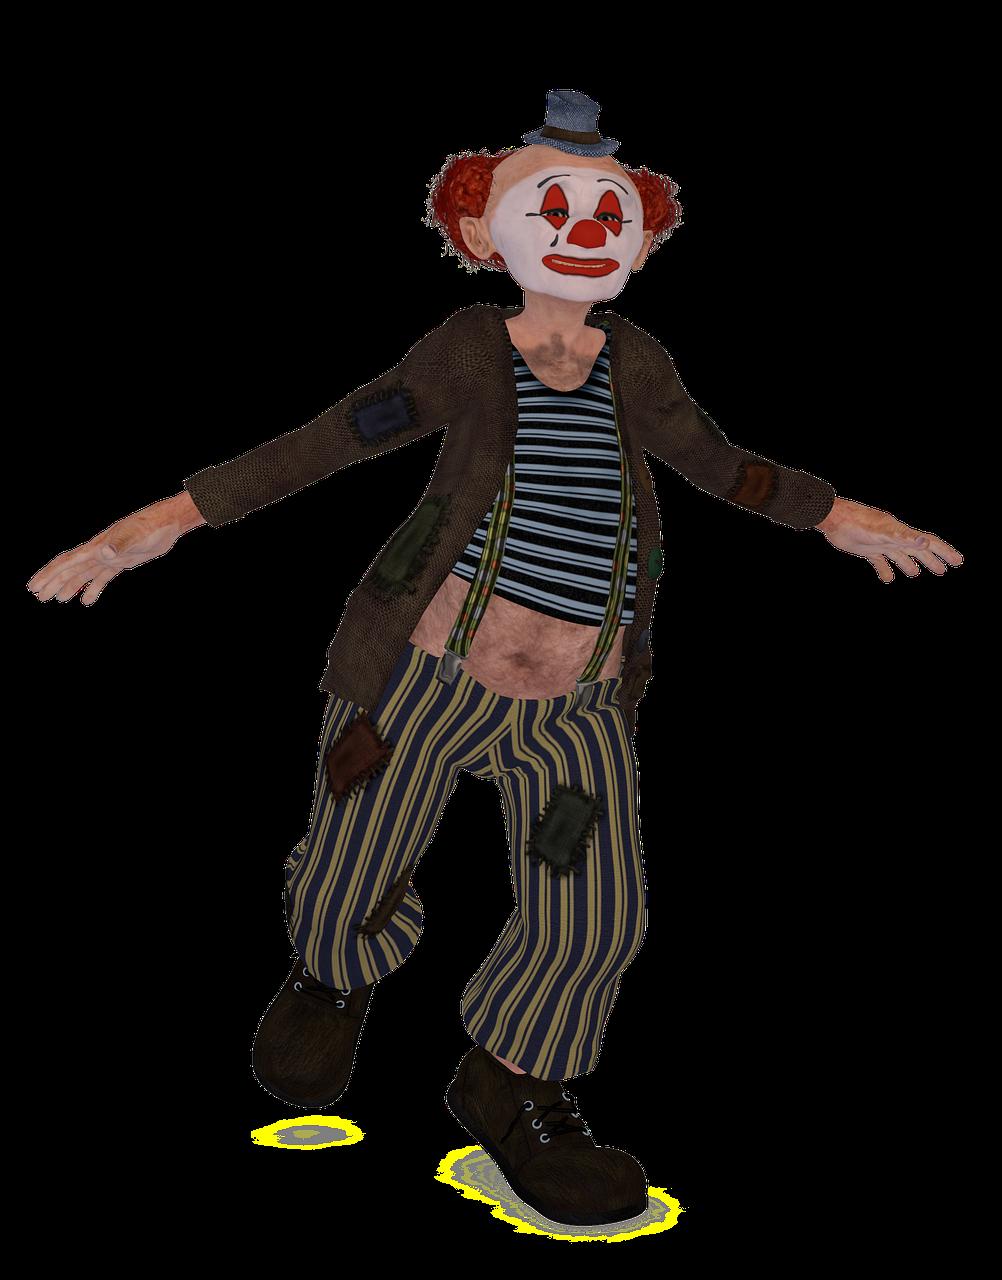 что дизайнеры картинки клоун танцует сожалению